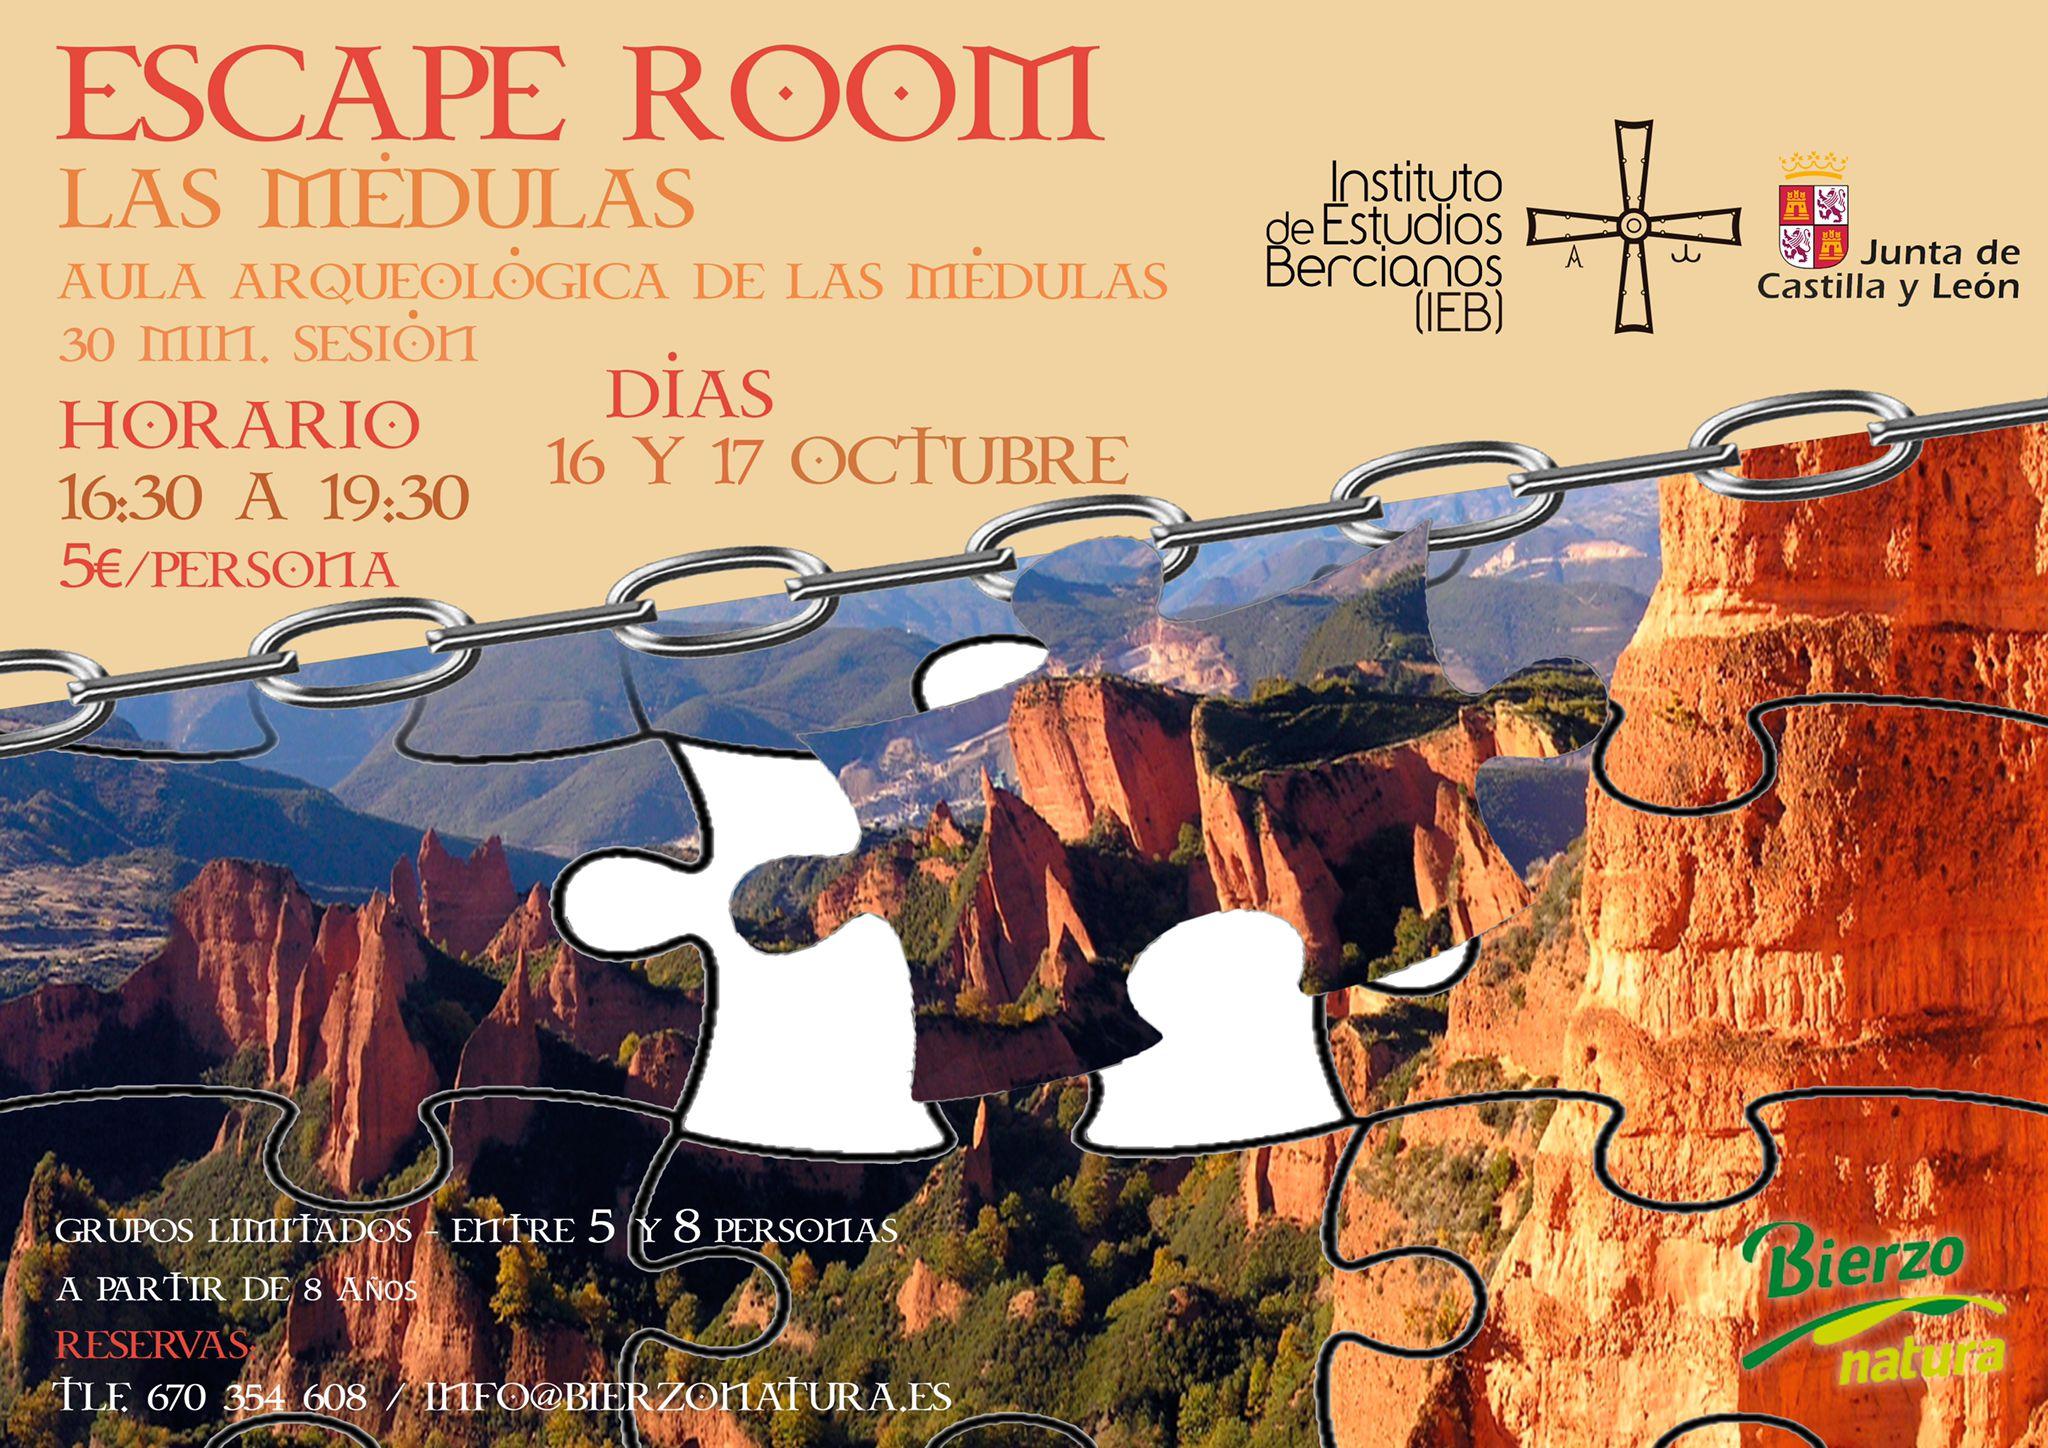 Una inciativa del IEB organiza este fin de semana una Escape Room en el Aula Arqueológica de Las Médulas 3